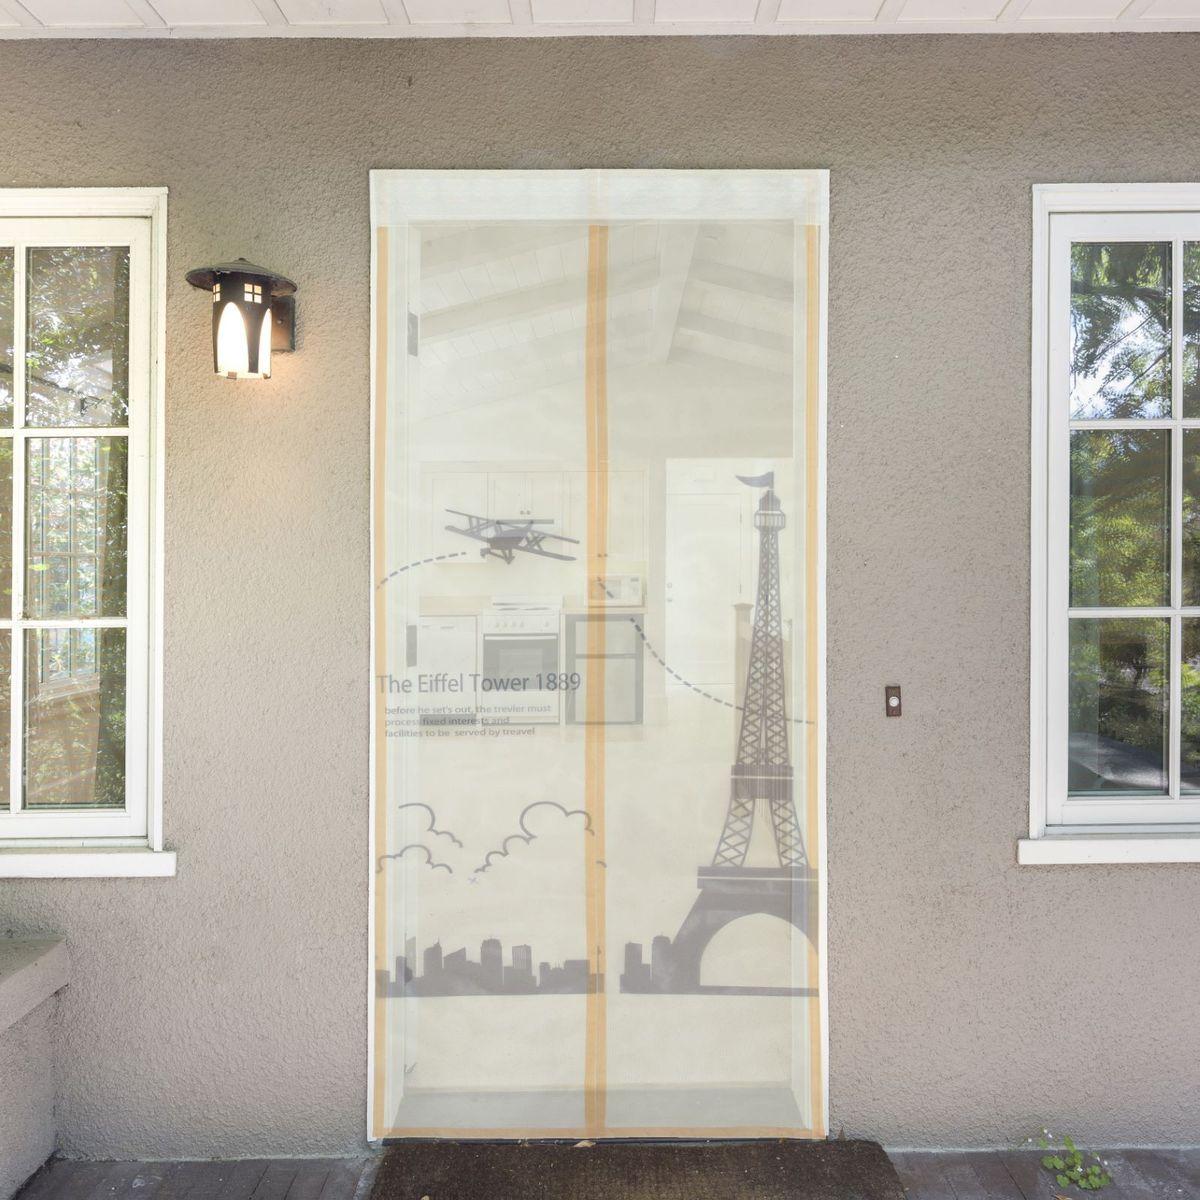 Сетка антимоскитная Париж, на магнитной ленте, 80 х 210 см80004Сетка антимоскитная Париж защитит вас от насекомых, изготовленная на магнитной ленте, универсальна в использовании: подвесьте ее при входе в садовый дом или балкон, чтобы предотвратить попадание комаров внутрь жилища. Наслаждайтесь свежим воздухом без компании надоедливых насекомых.Чтобы зафиксировать занавес в дверном проеме, достаточно закрепить занавеску по периметру двери с помощью кнопок, идущих в комплекте.В комплект входит: полиэстеровая сетка-штора (80 x 210 см), магнитная лента и крепёжные крючки.Принцип действия занавеса предельно прост: каждый раз, когда вы будете проходить сквозь шторы, они автоматически захлопнутся за вами благодаря магнитам, расположенным по всей его длине.